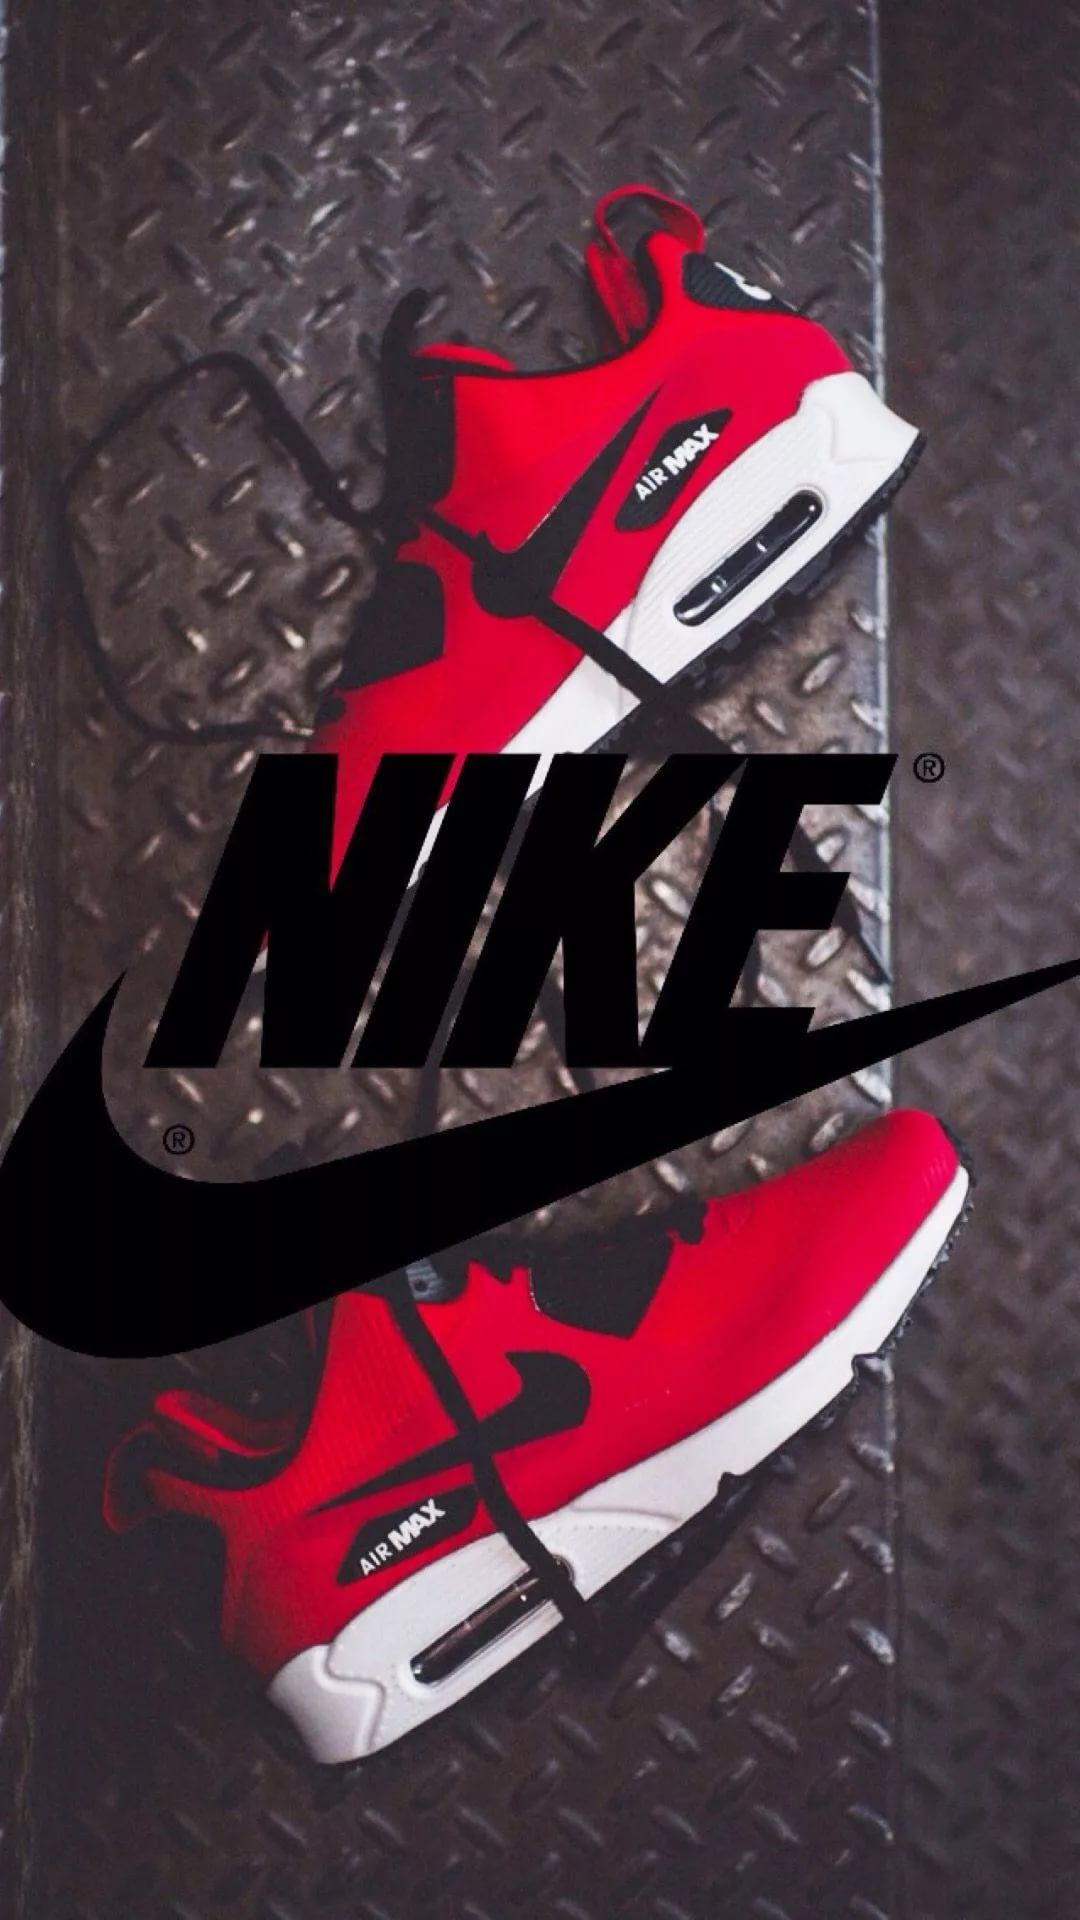 Nike iPhone 7 wallpaper